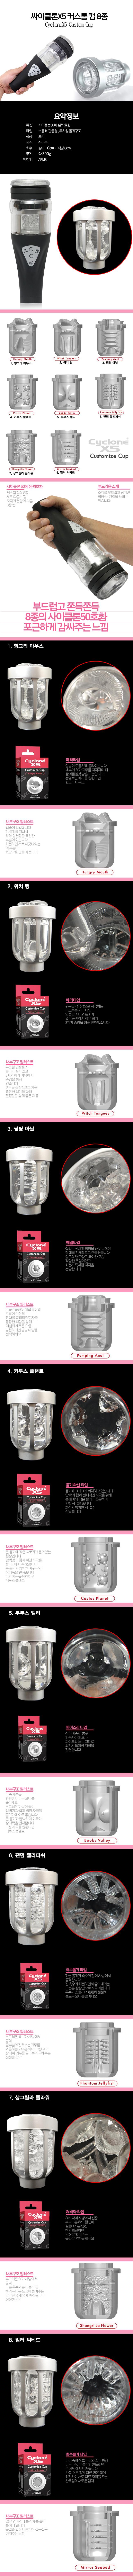 [일본 직수입] 싸이클론X5 커스톰 컵 8종(CycloneX5 Custom Cup)